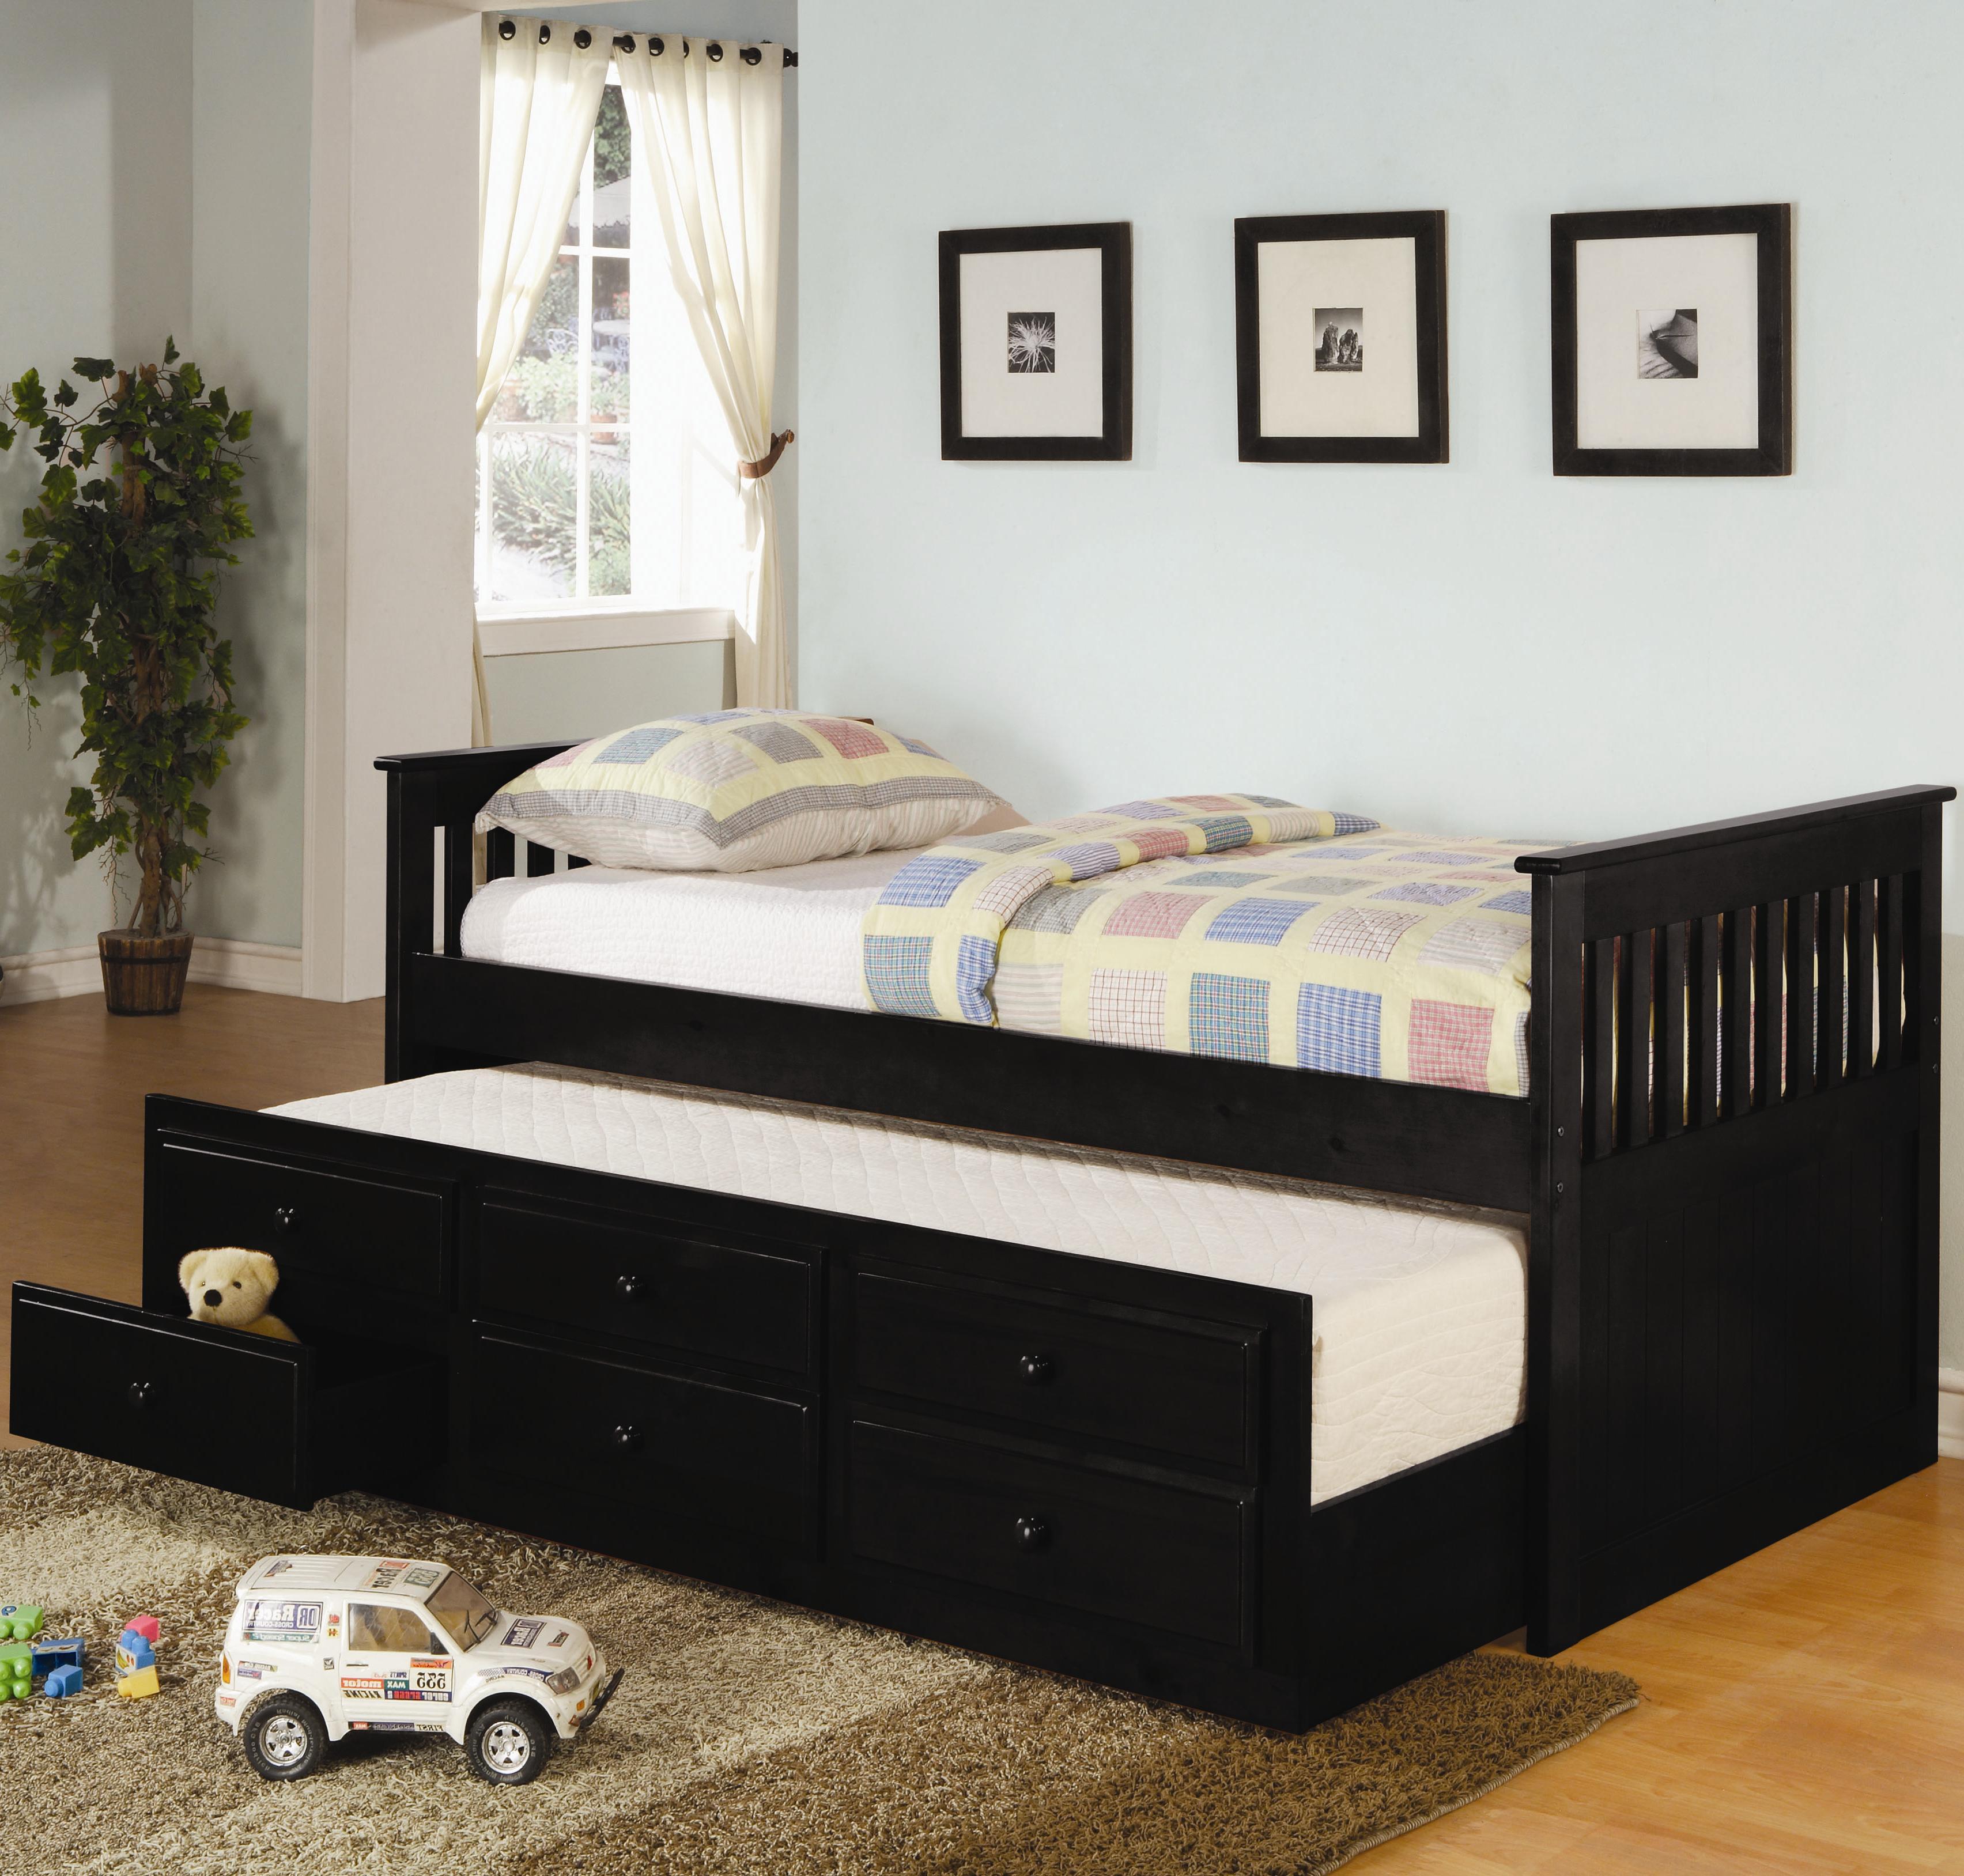 Coaster Furniture - La Salle - Bedroom Set